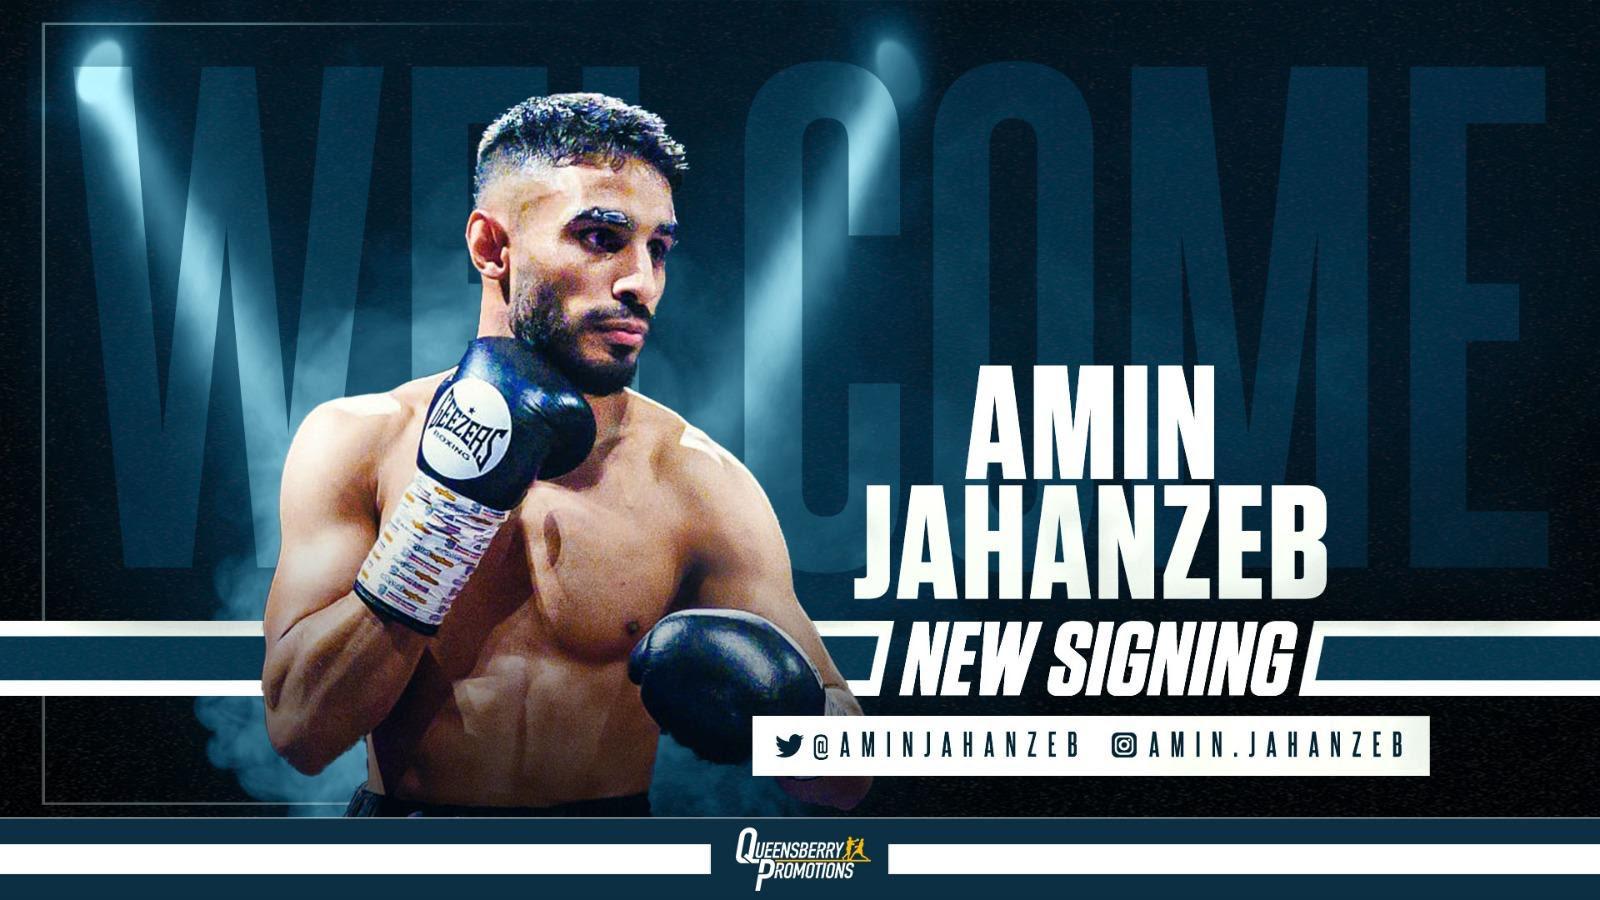 Amin Jahanzeb